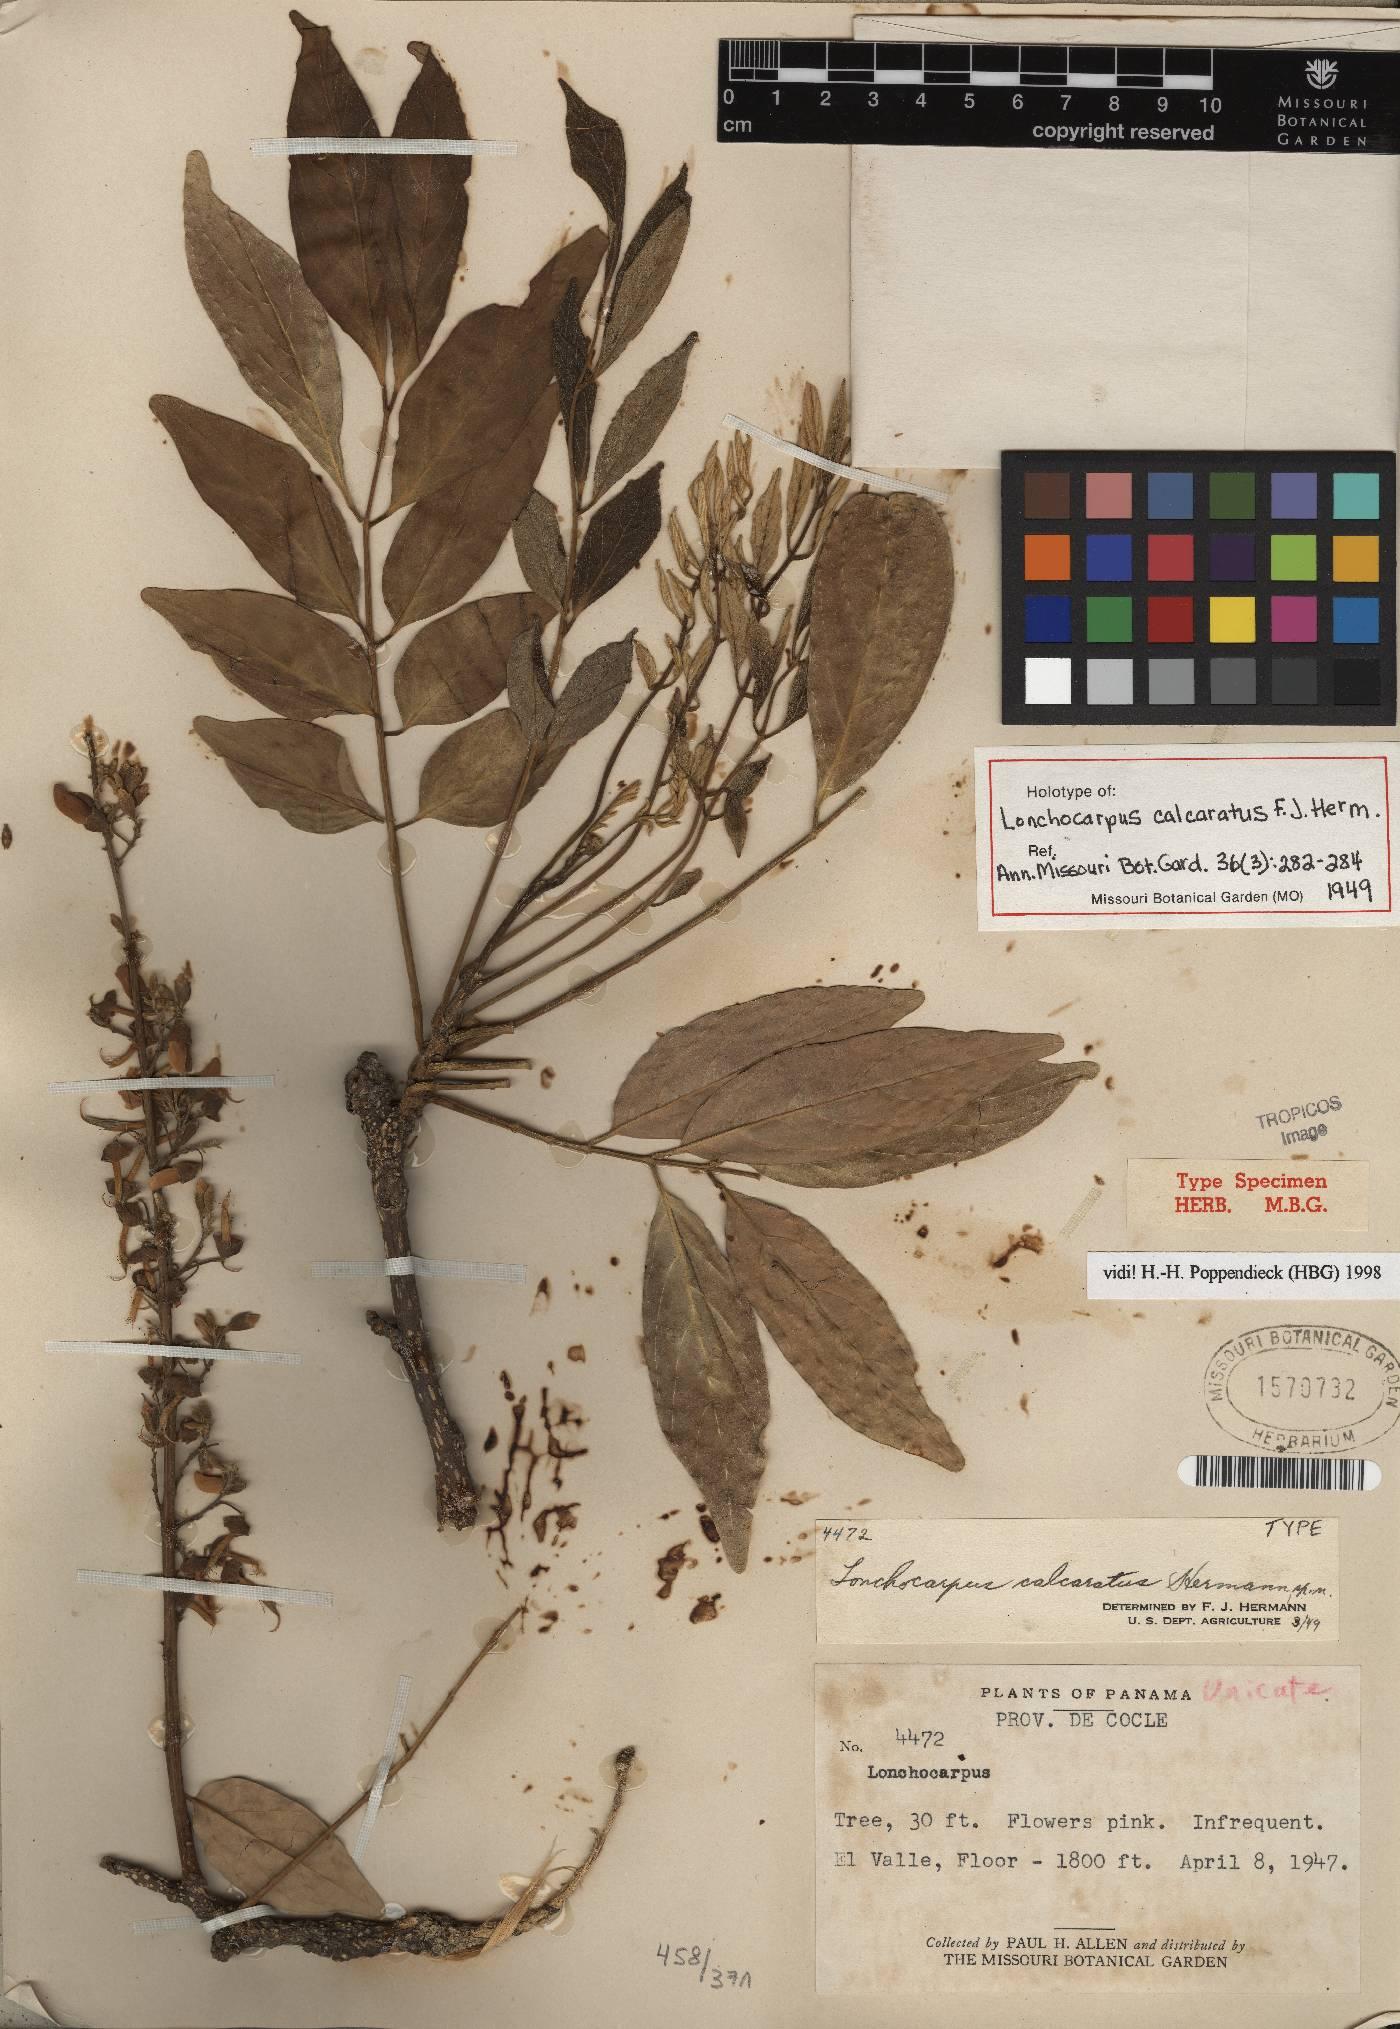 Dahlstedtia calcarata image